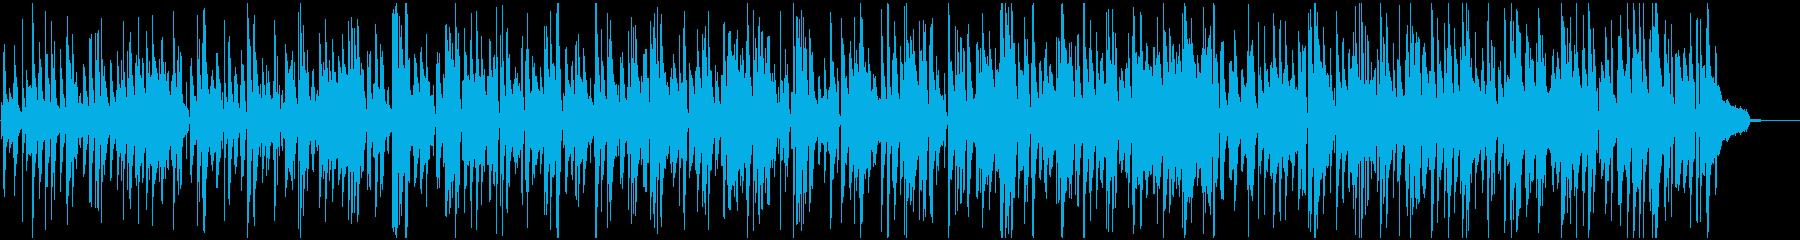 ほのぼのJAZZのBGM トリオ ピアノの再生済みの波形